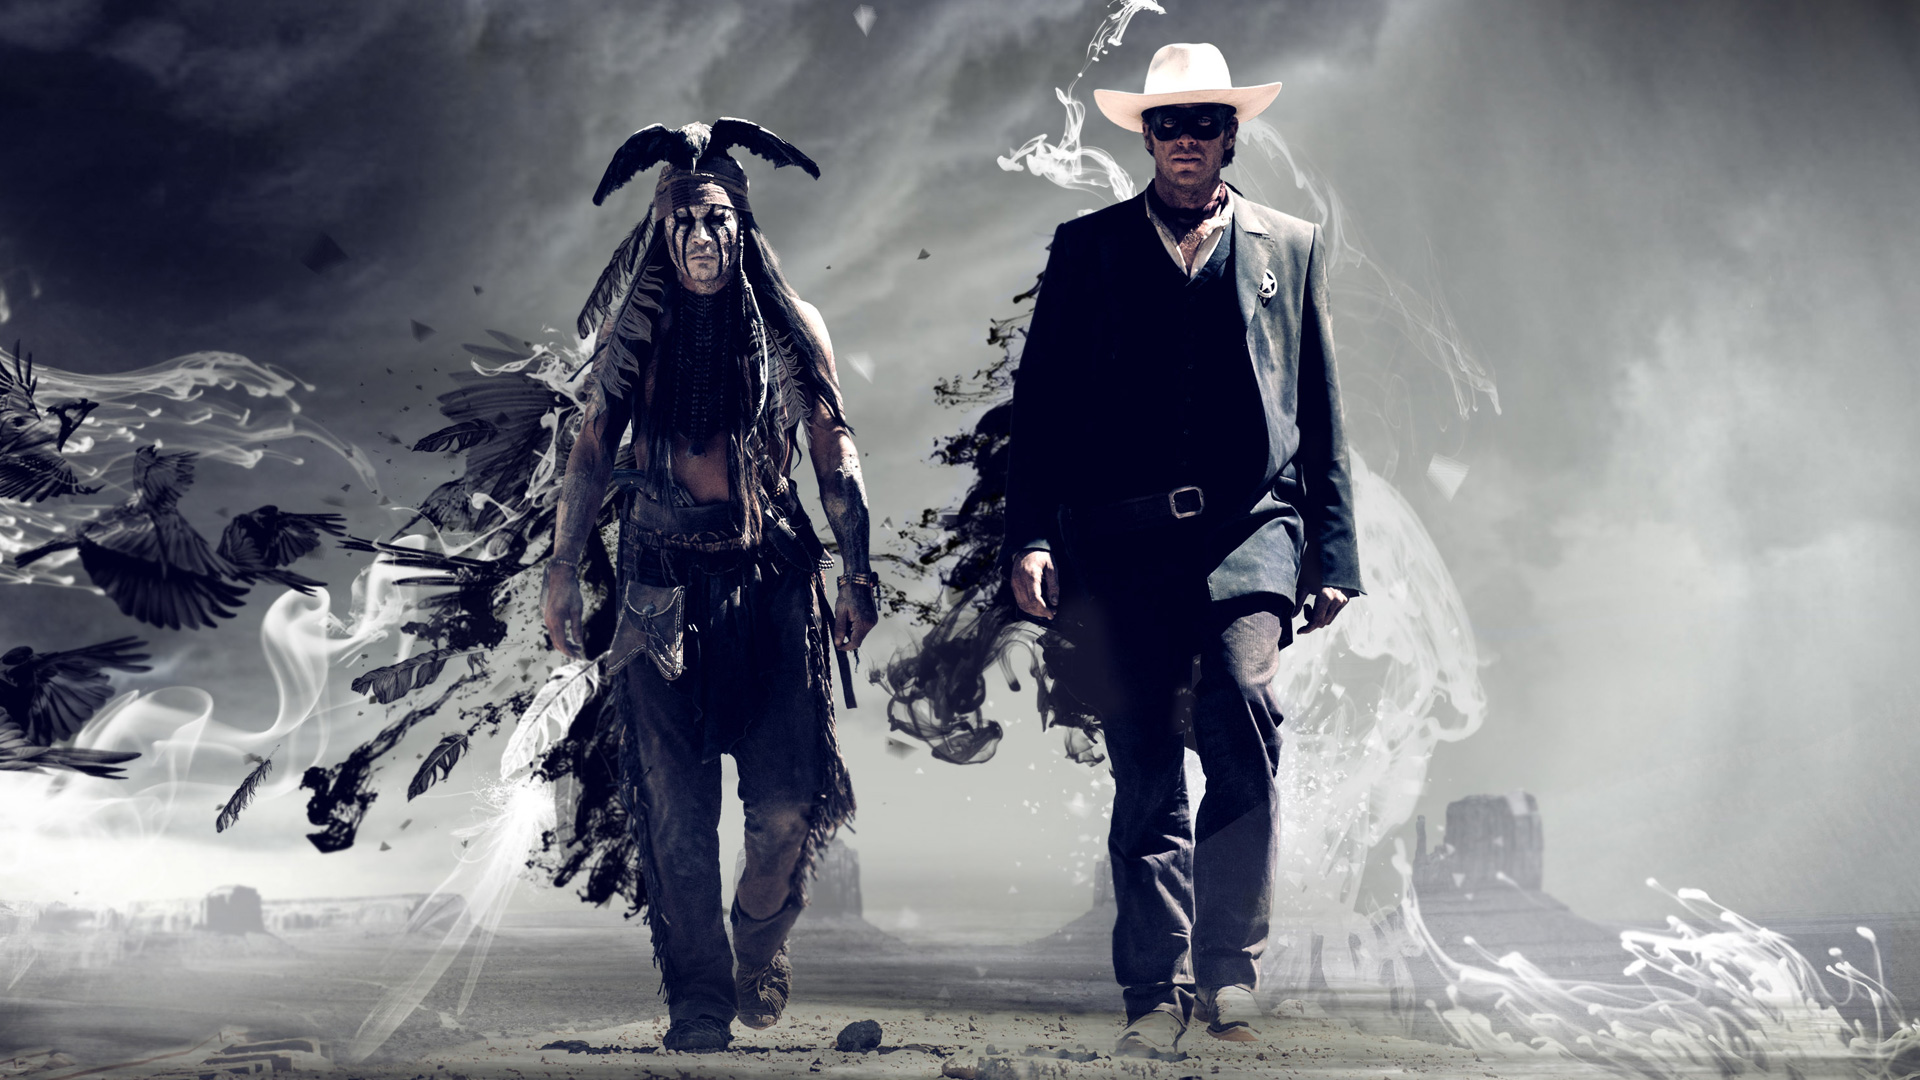 Disney | The Lone Ranger trailer